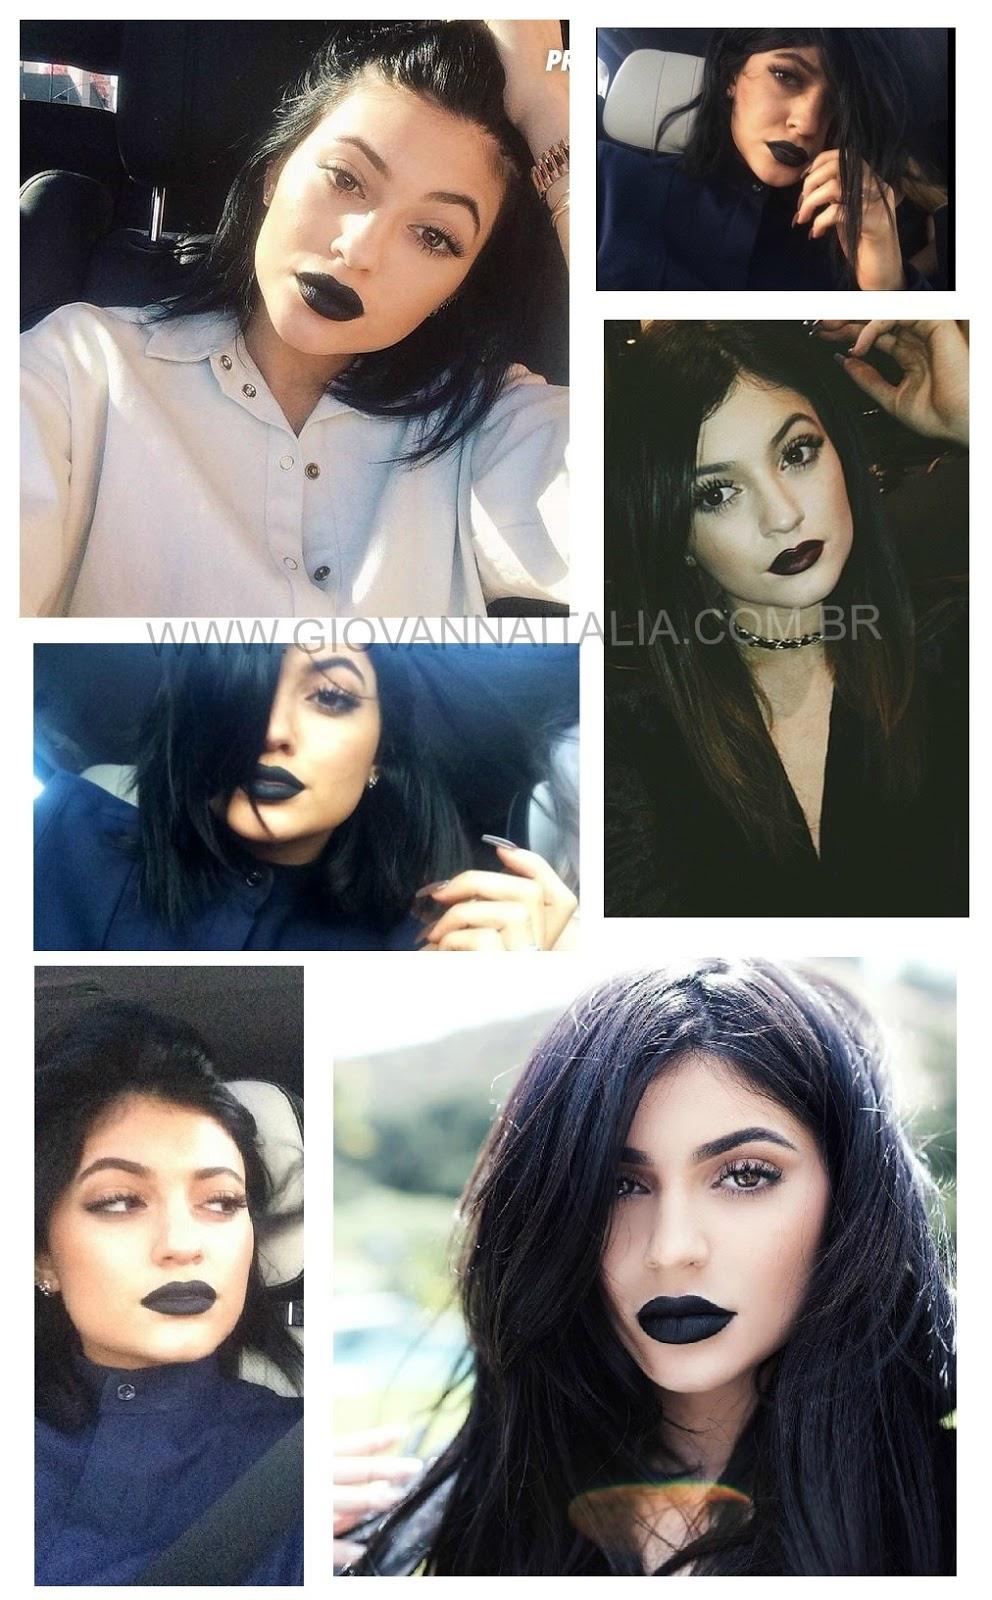 Fotos da Kylie Jenner de batom preto